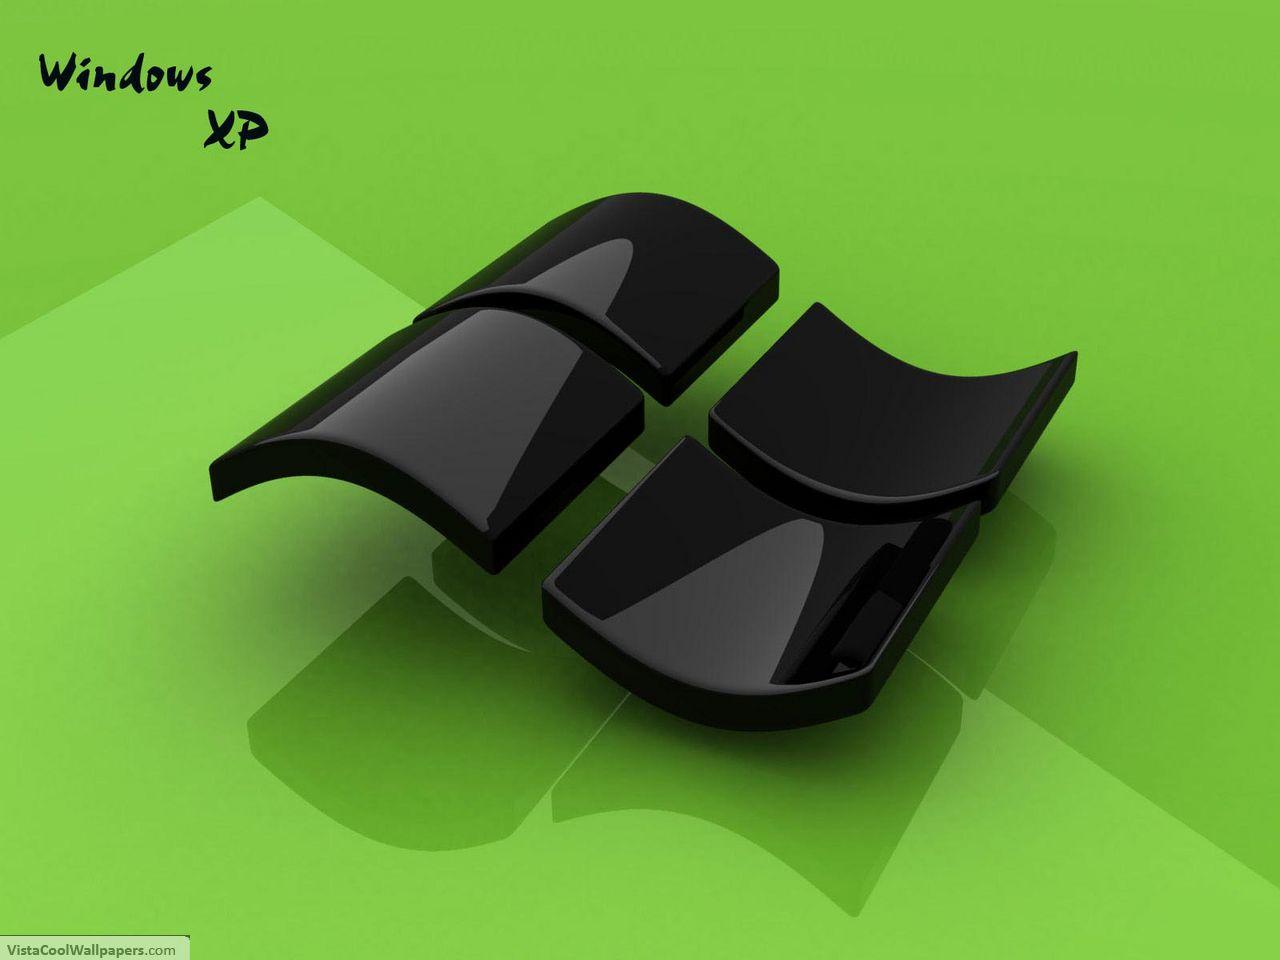 http://4.bp.blogspot.com/-KBv-fp2Q6Zc/TfuGFzePhaI/AAAAAAAABhs/ChT1c497NTw/s1600/8655_xp_Green_wallpaper.jpg